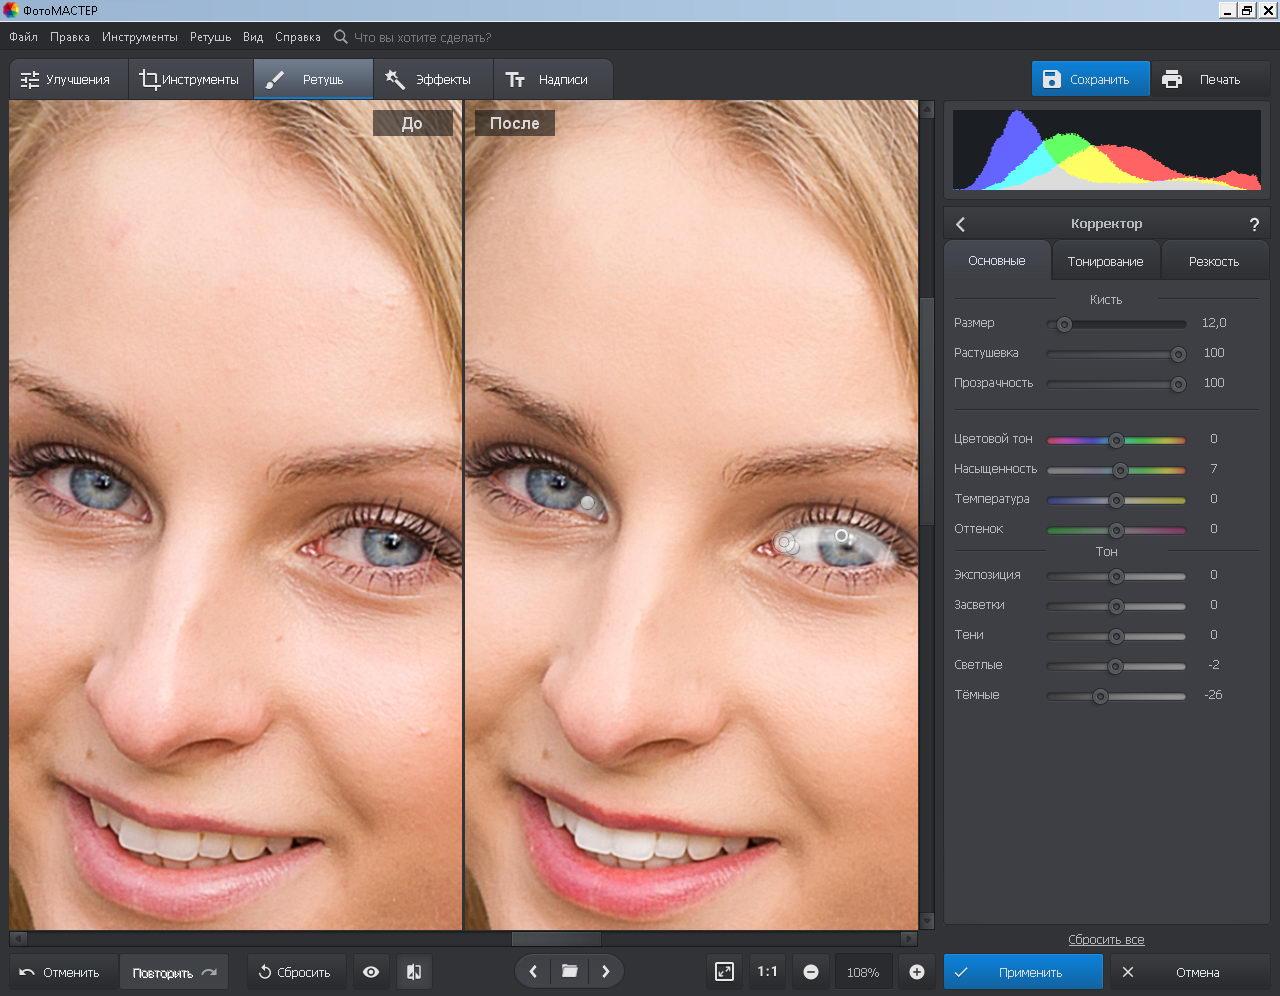 Автоматическая обработка фотографий в редакторе №3